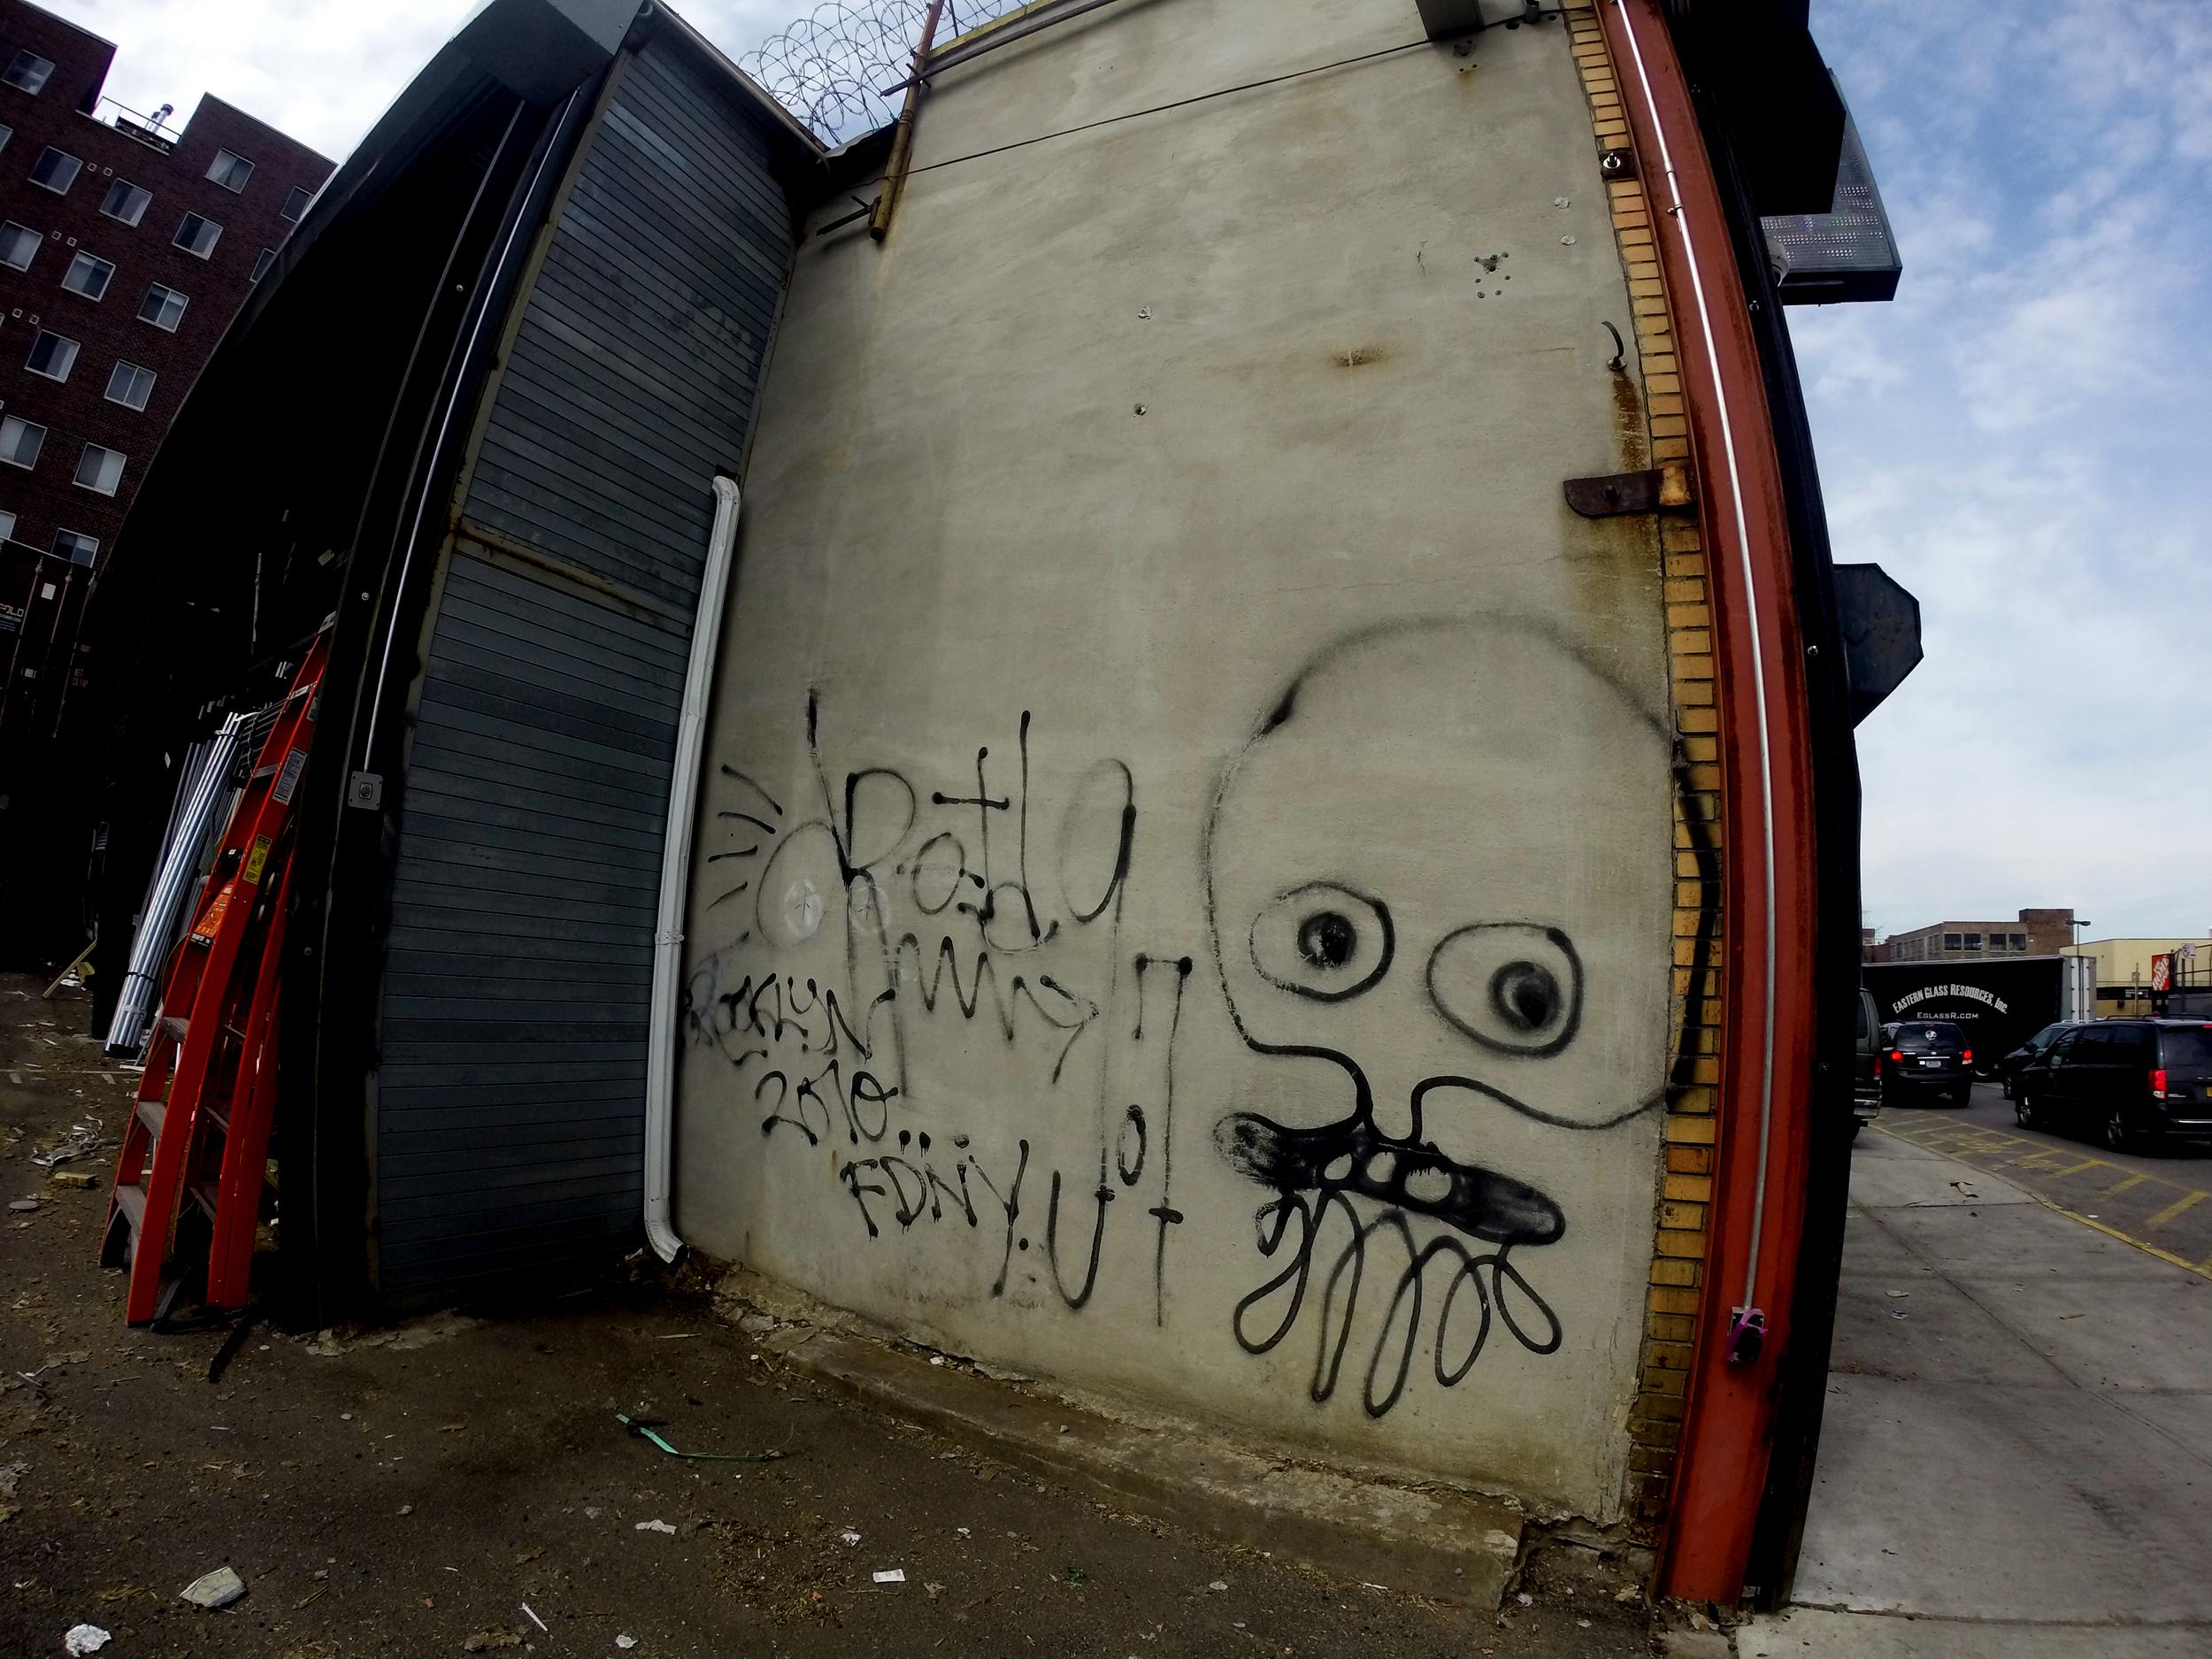 ufo elevated locals